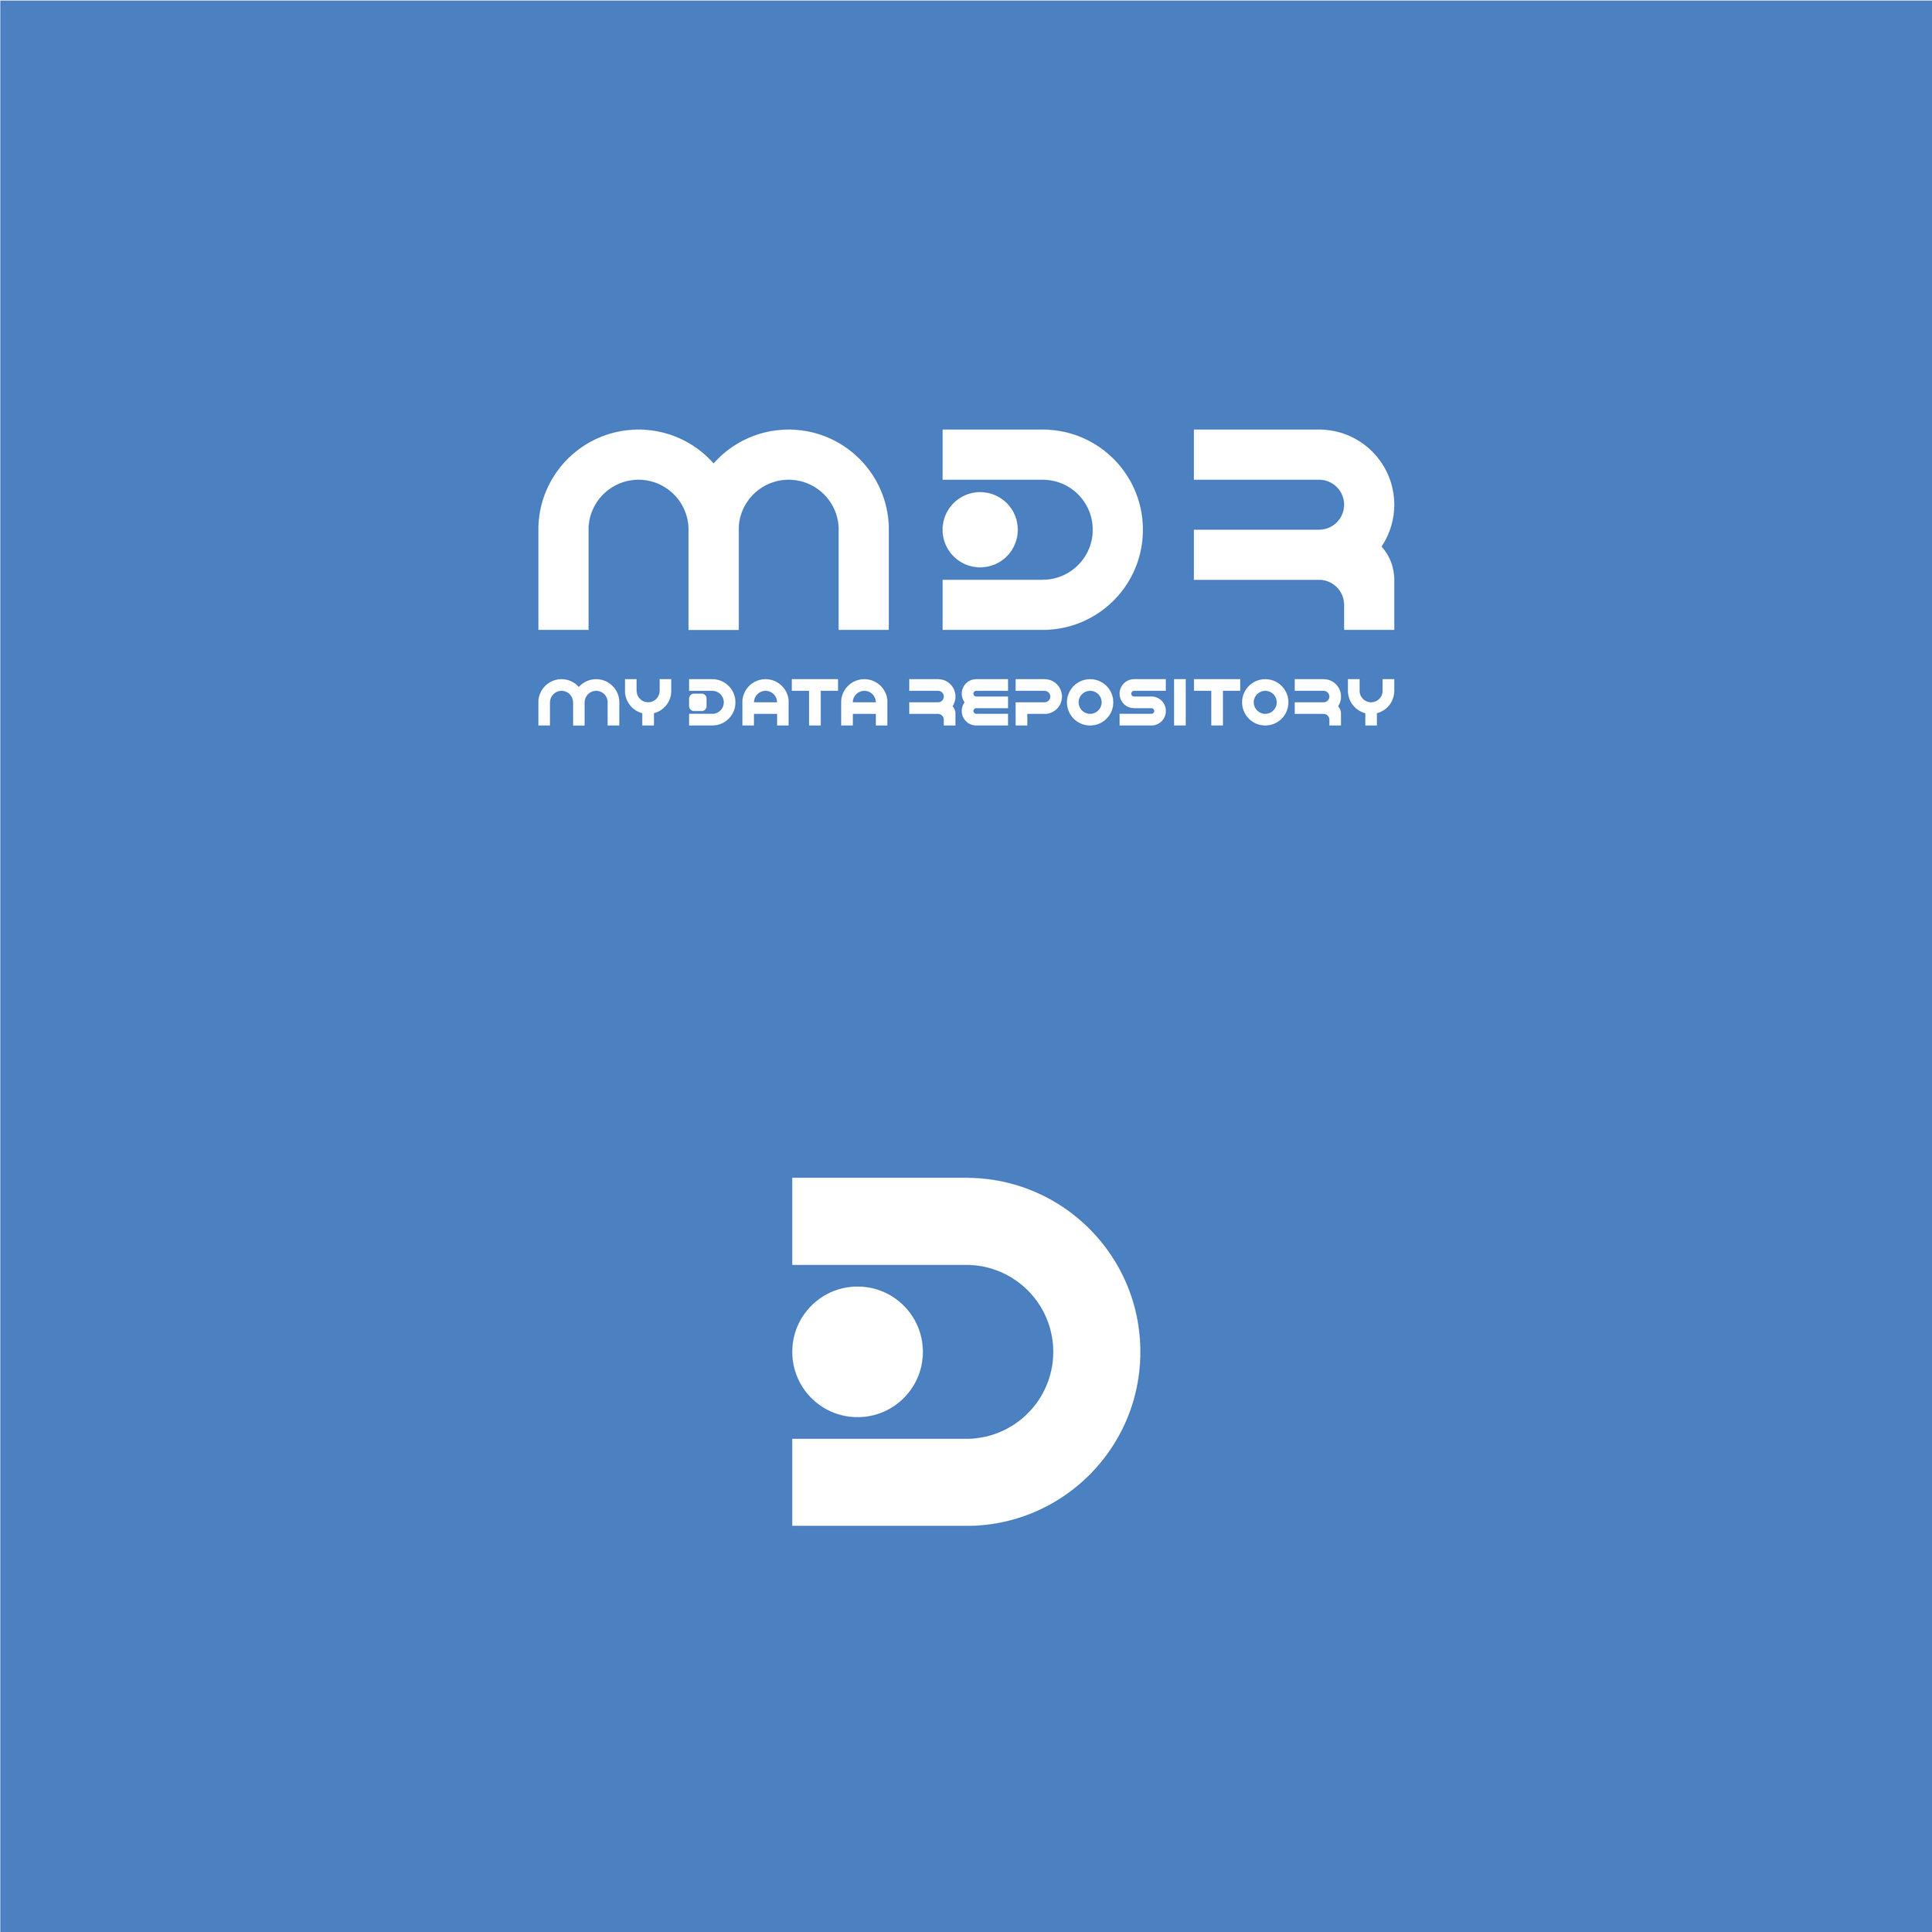 My Data Repository